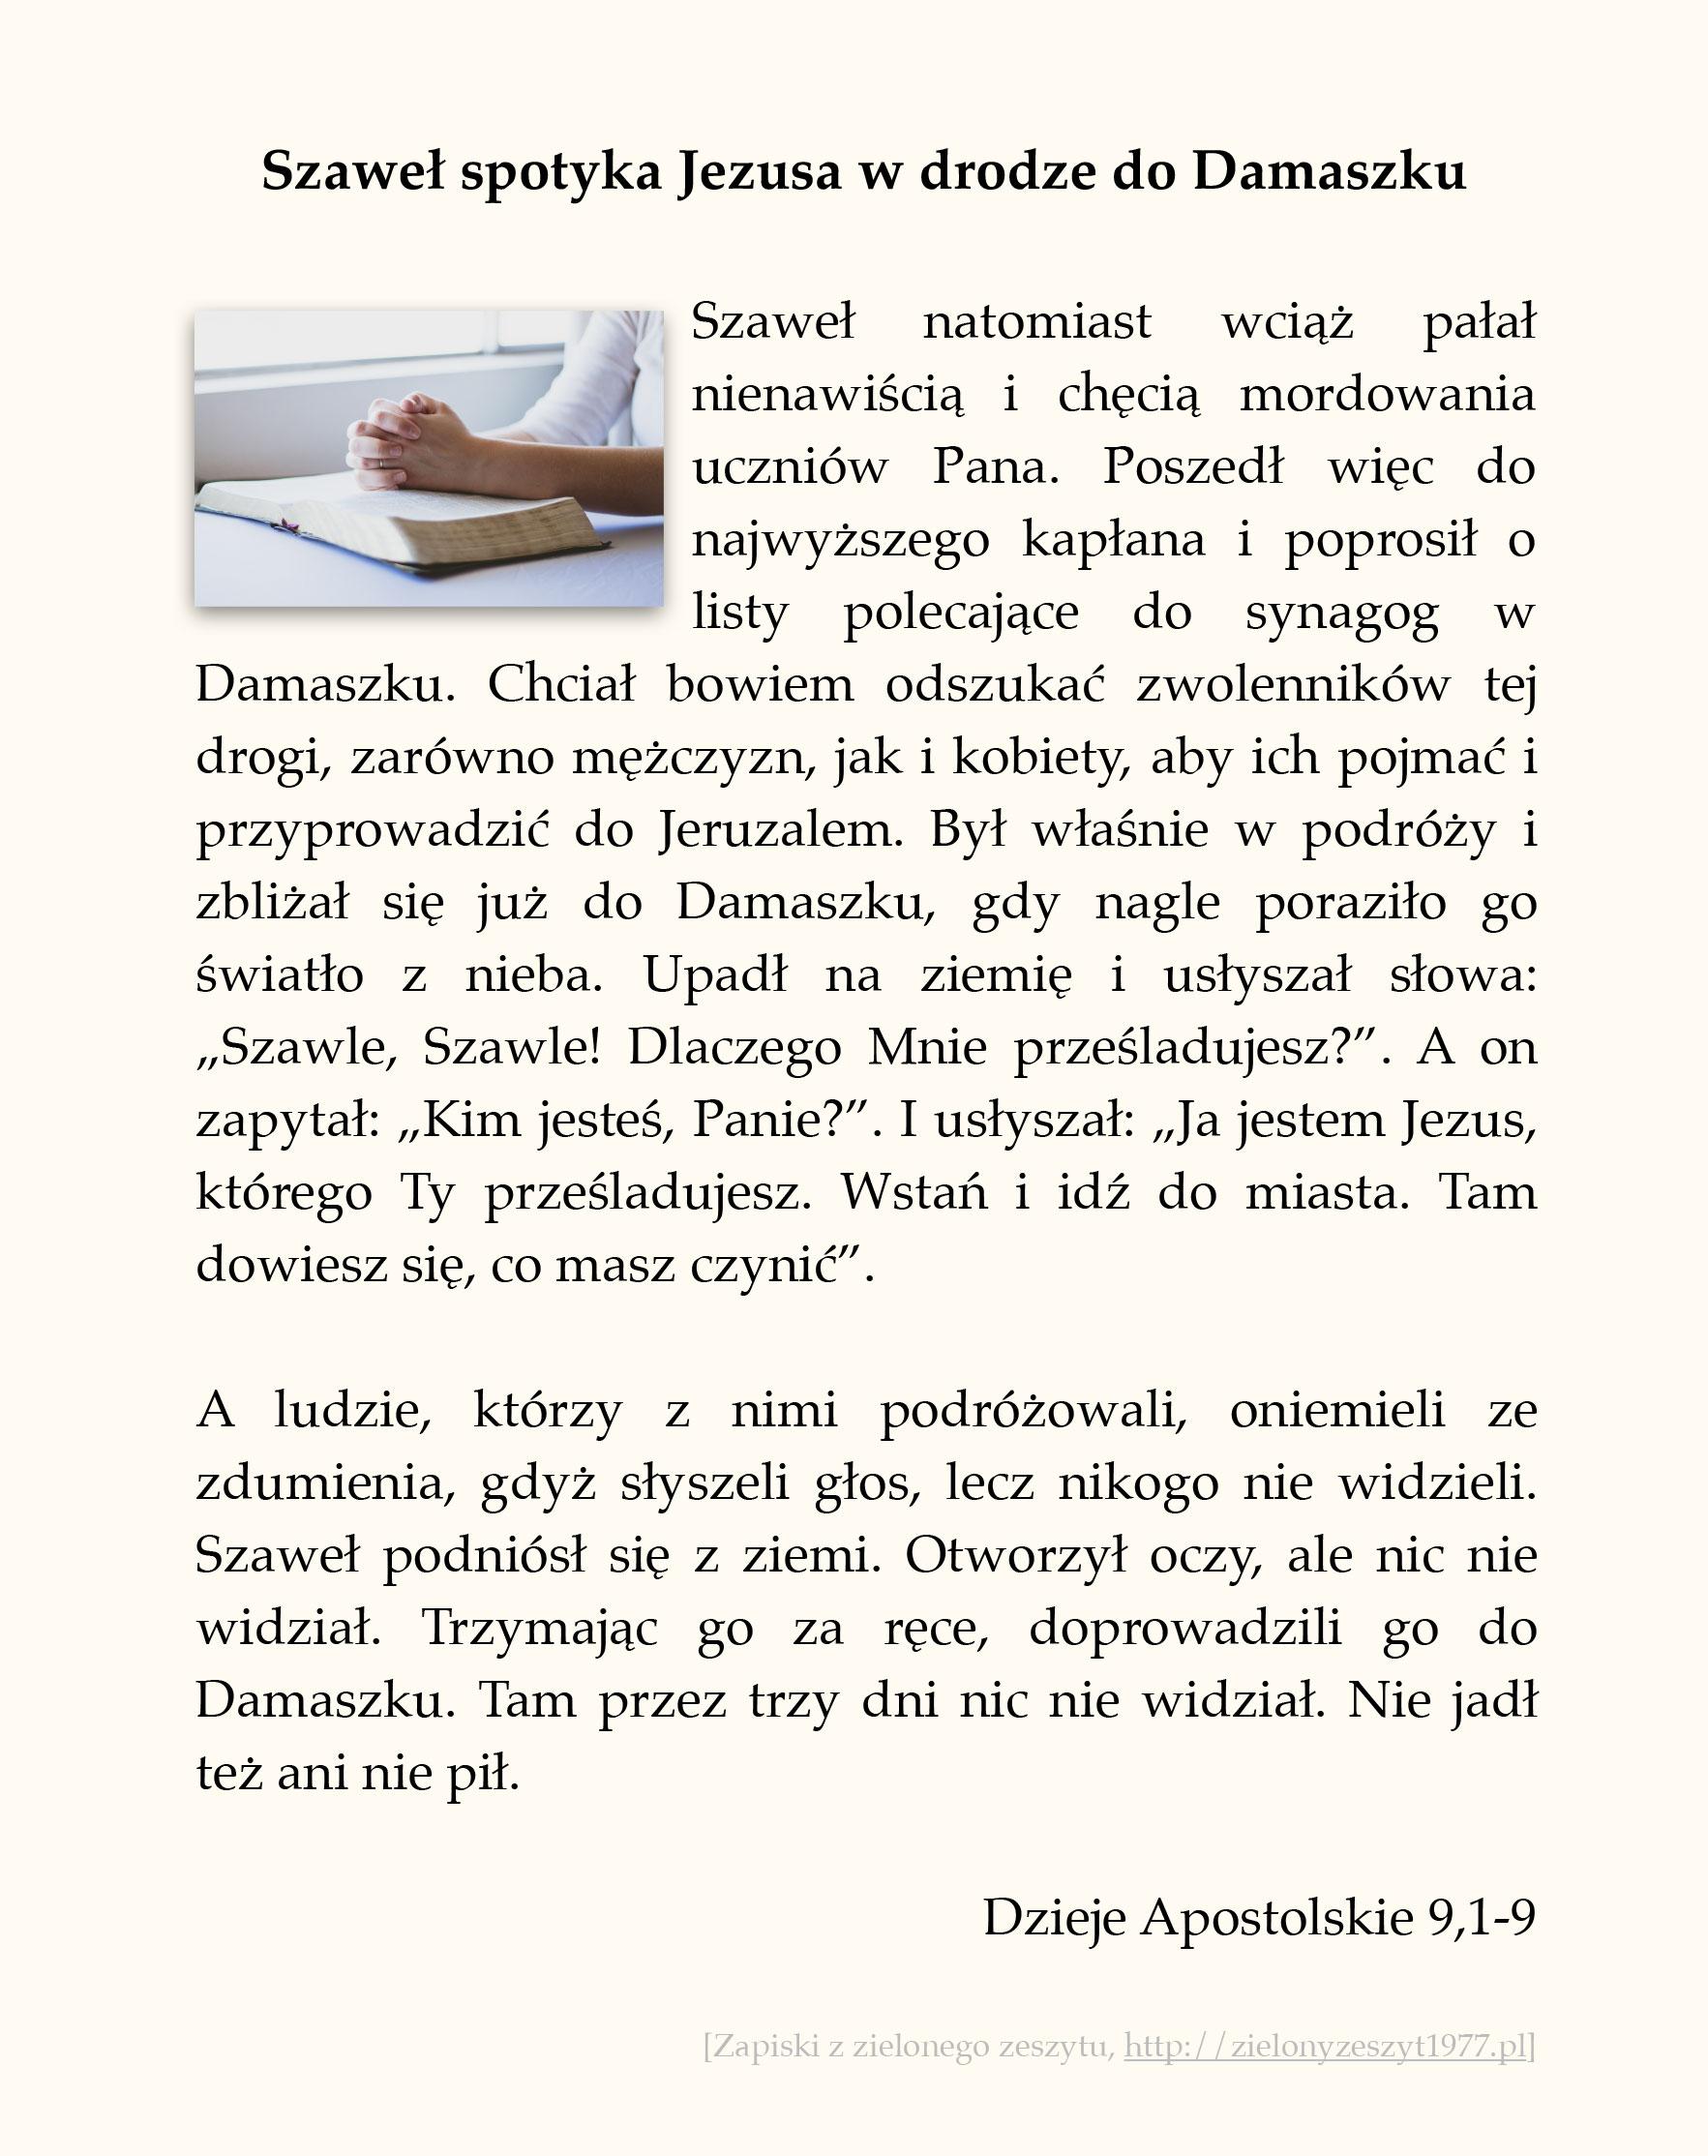 Szaweł spotyka Jezusa w drodze do Damaszku; Dzieje Apostolskie (#39)